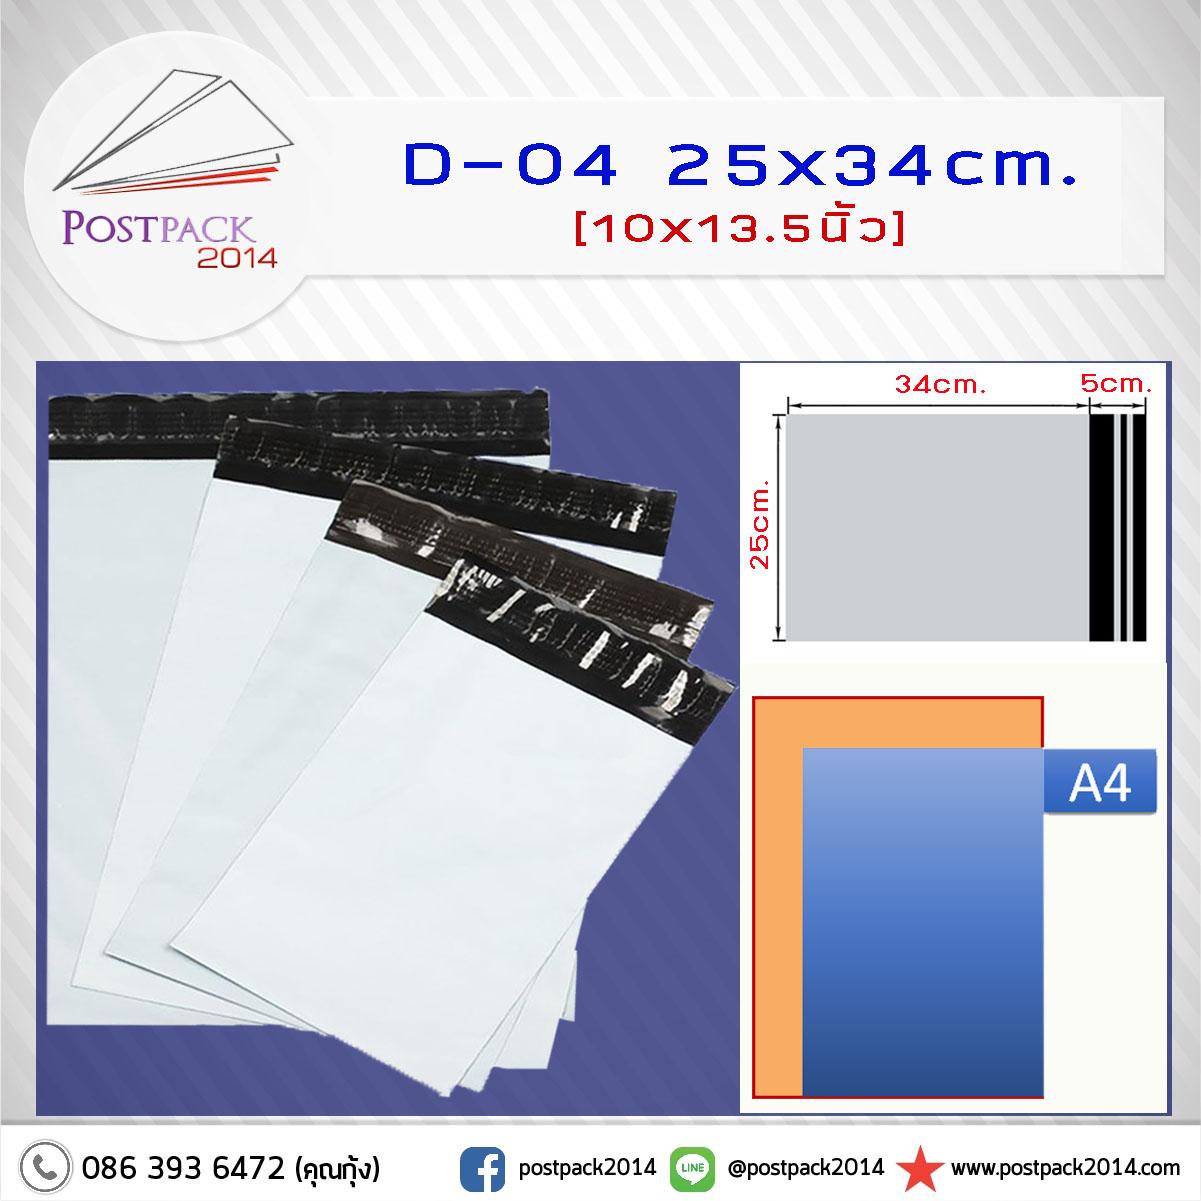 ซองไปรษณีย์พลาสติก 25x34 cm. (10x13.5นิ้ว)